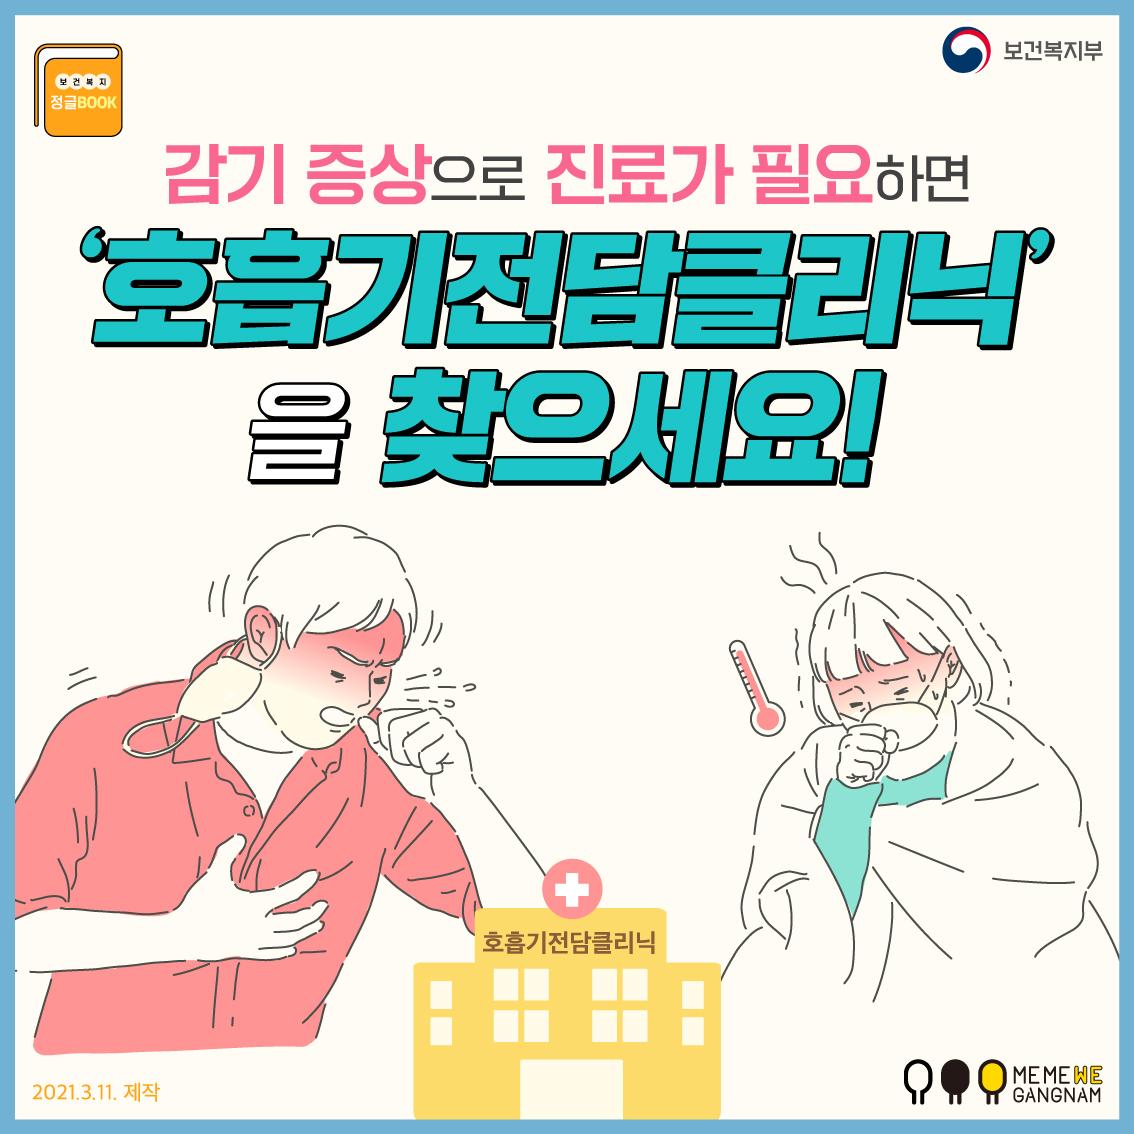 [카드뉴스] 감기 증상 진료  '호흡기전담클리닉' 으로!